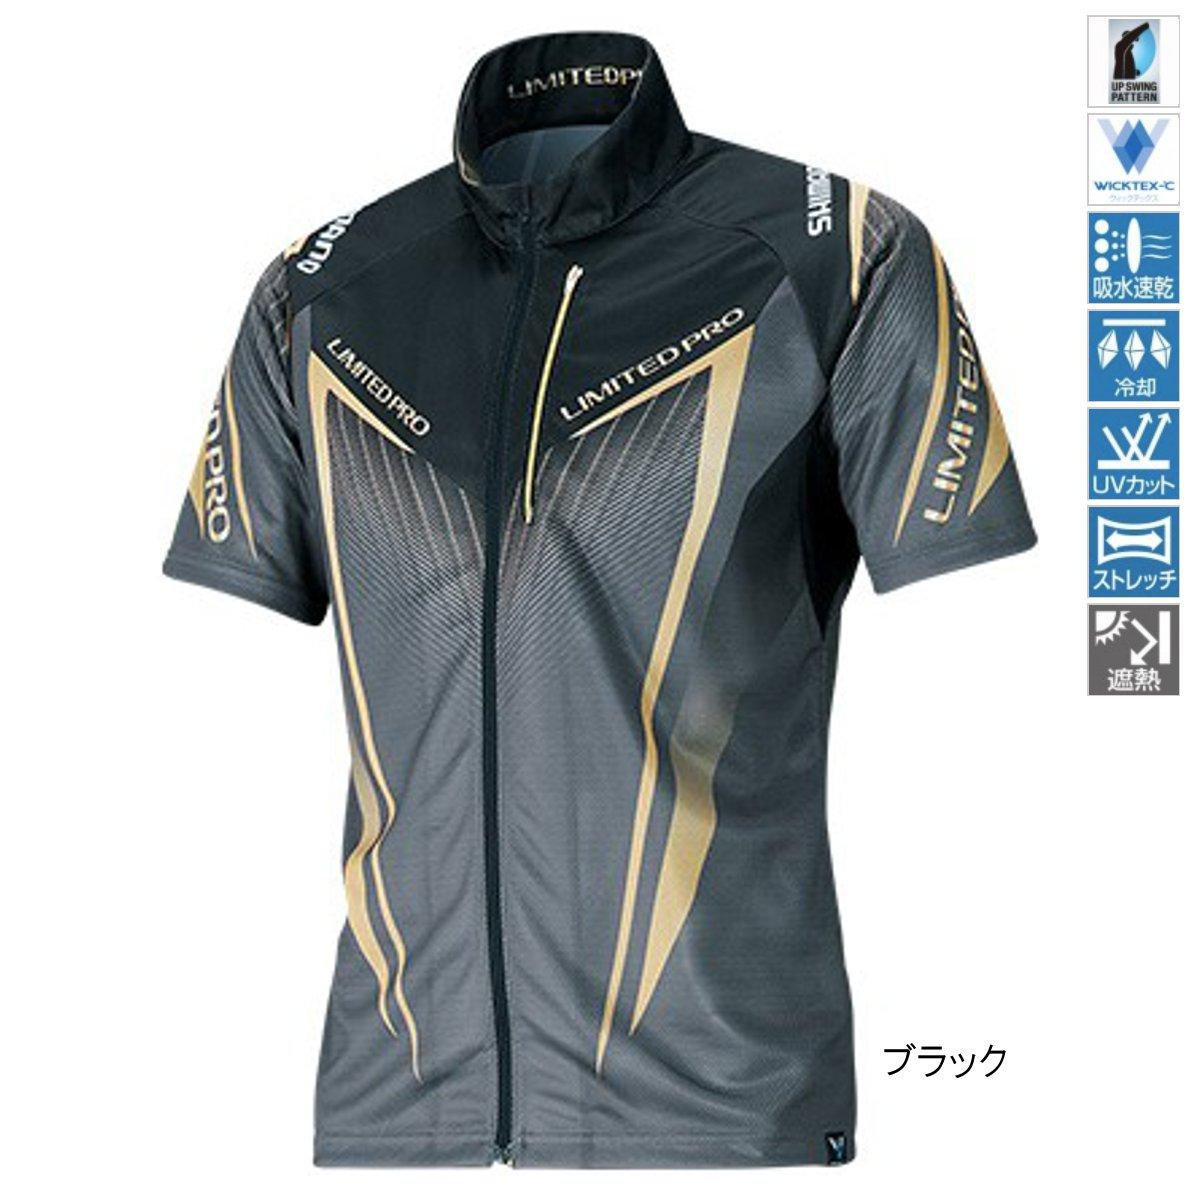 シマノ フルジップシャツLIMITED PRO(半袖) SH-012S 2XL ブラック【送料無料】